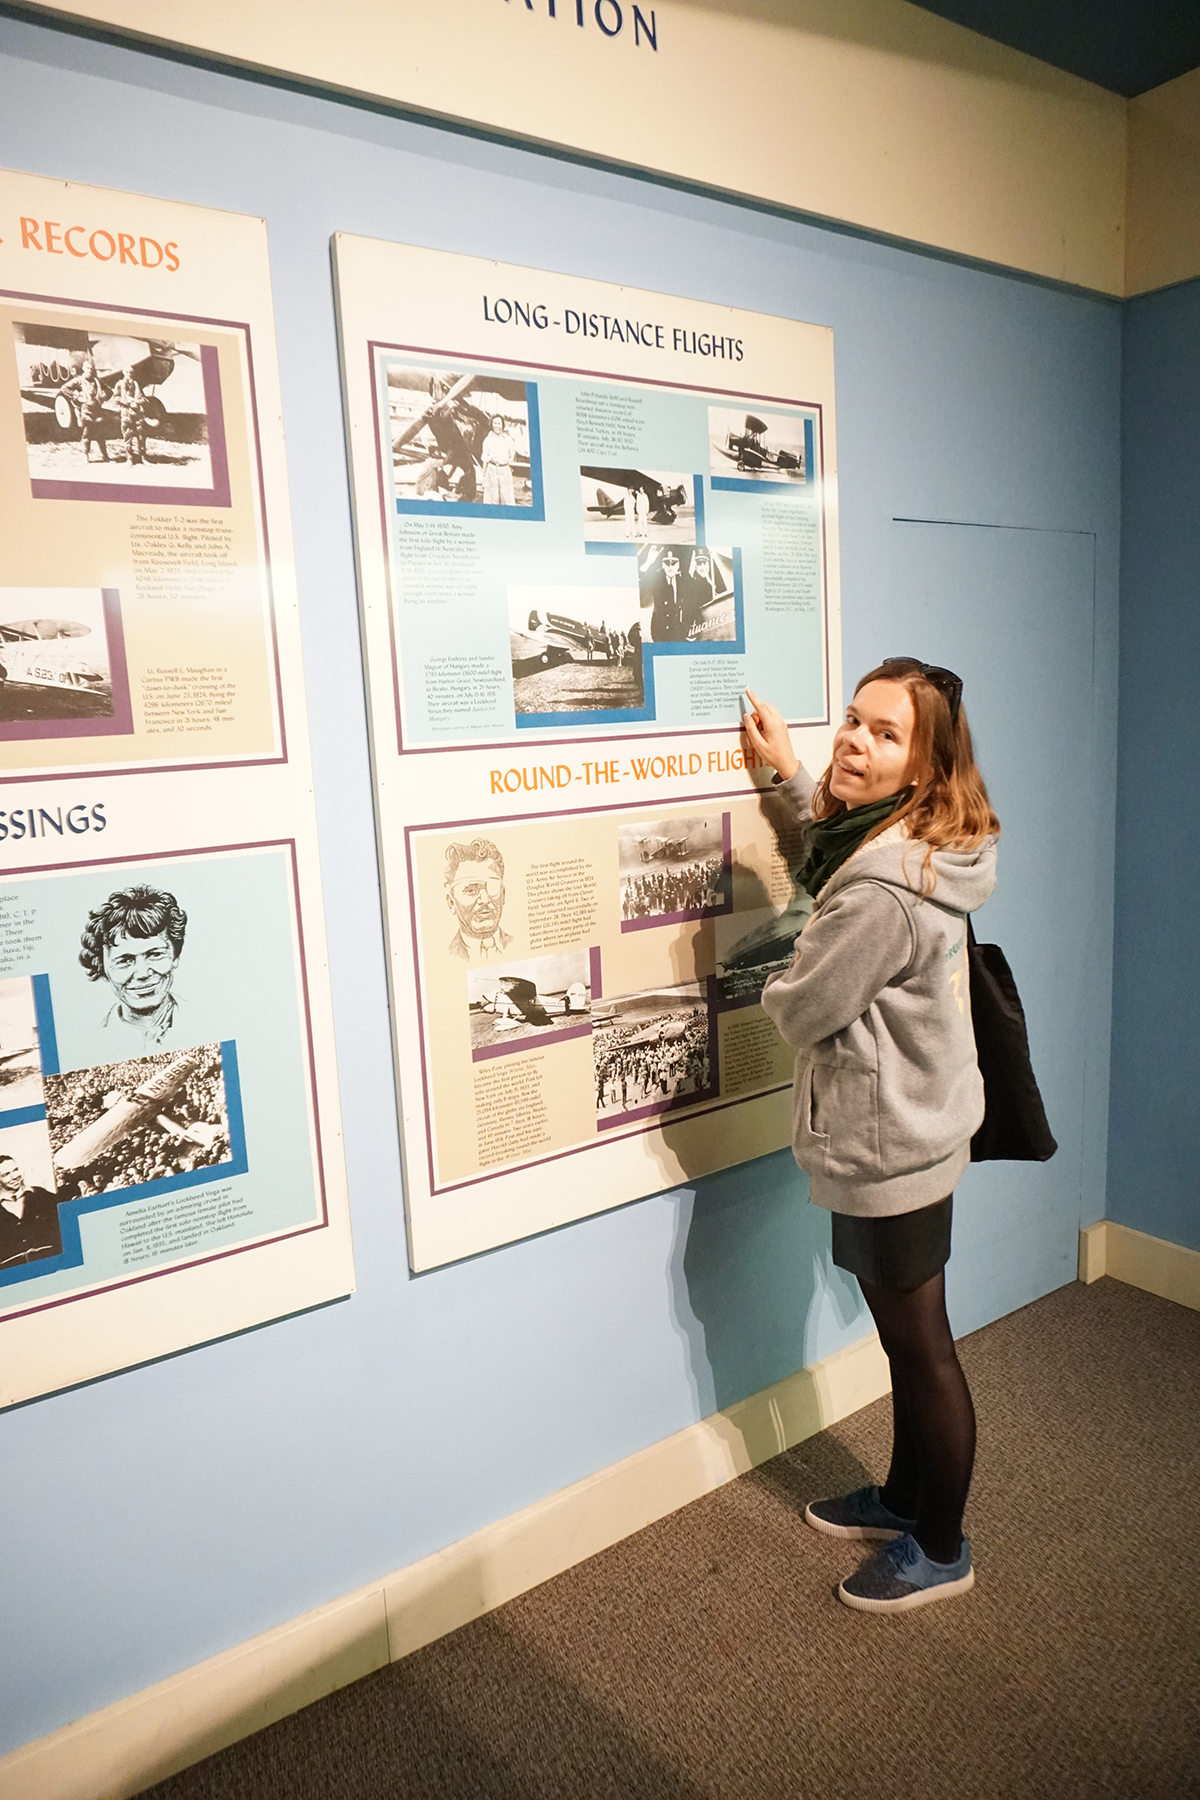 Smithsonian aviacijos muziejuje Aistei Žemaitienei pavyko rasti Stepono Dariaus ir Stasio Girėno nuotrauką.